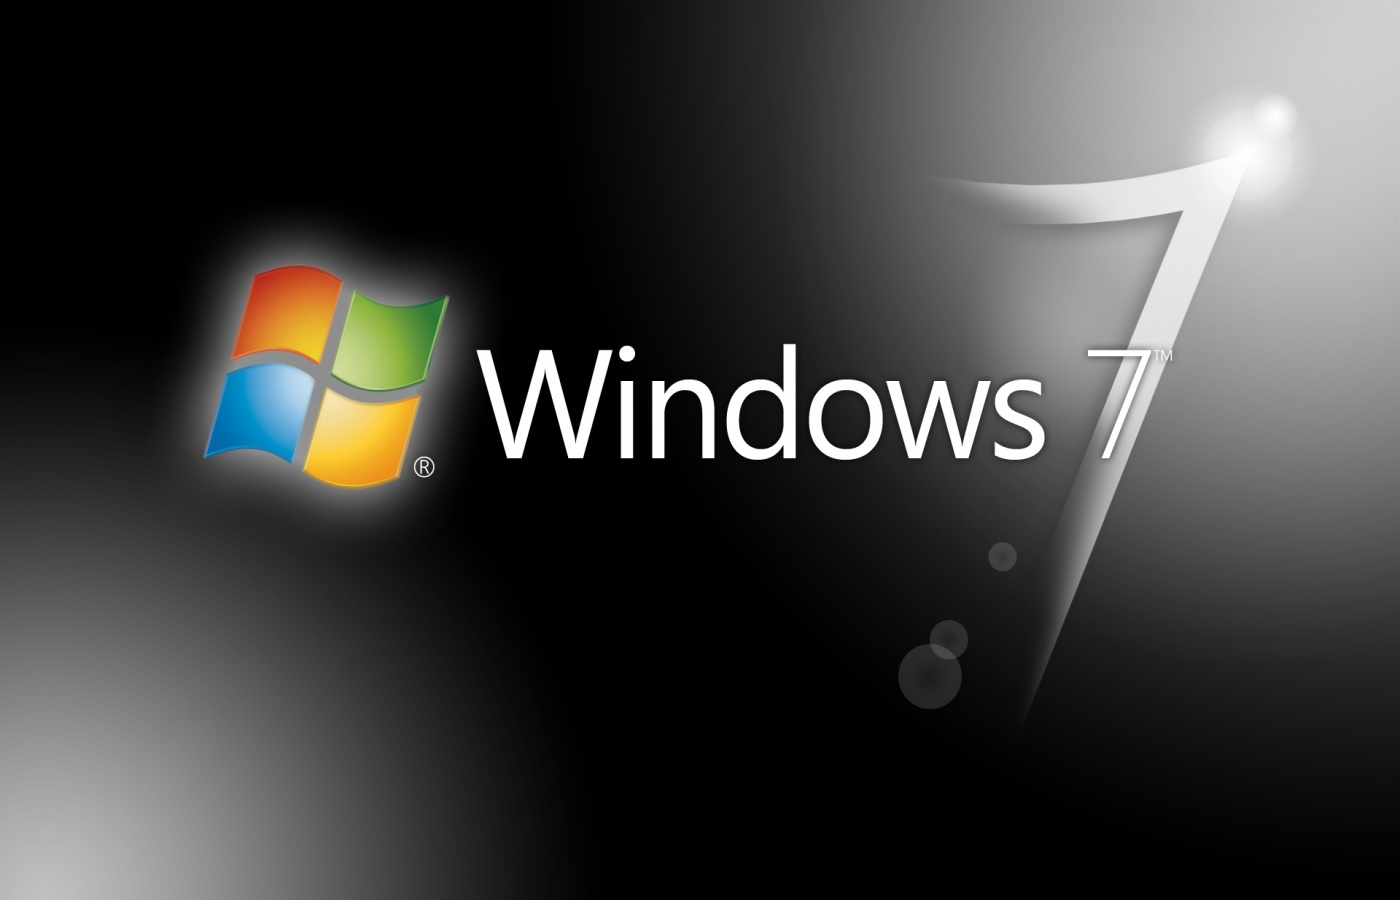 windows 7 установка, логотип, простые обои